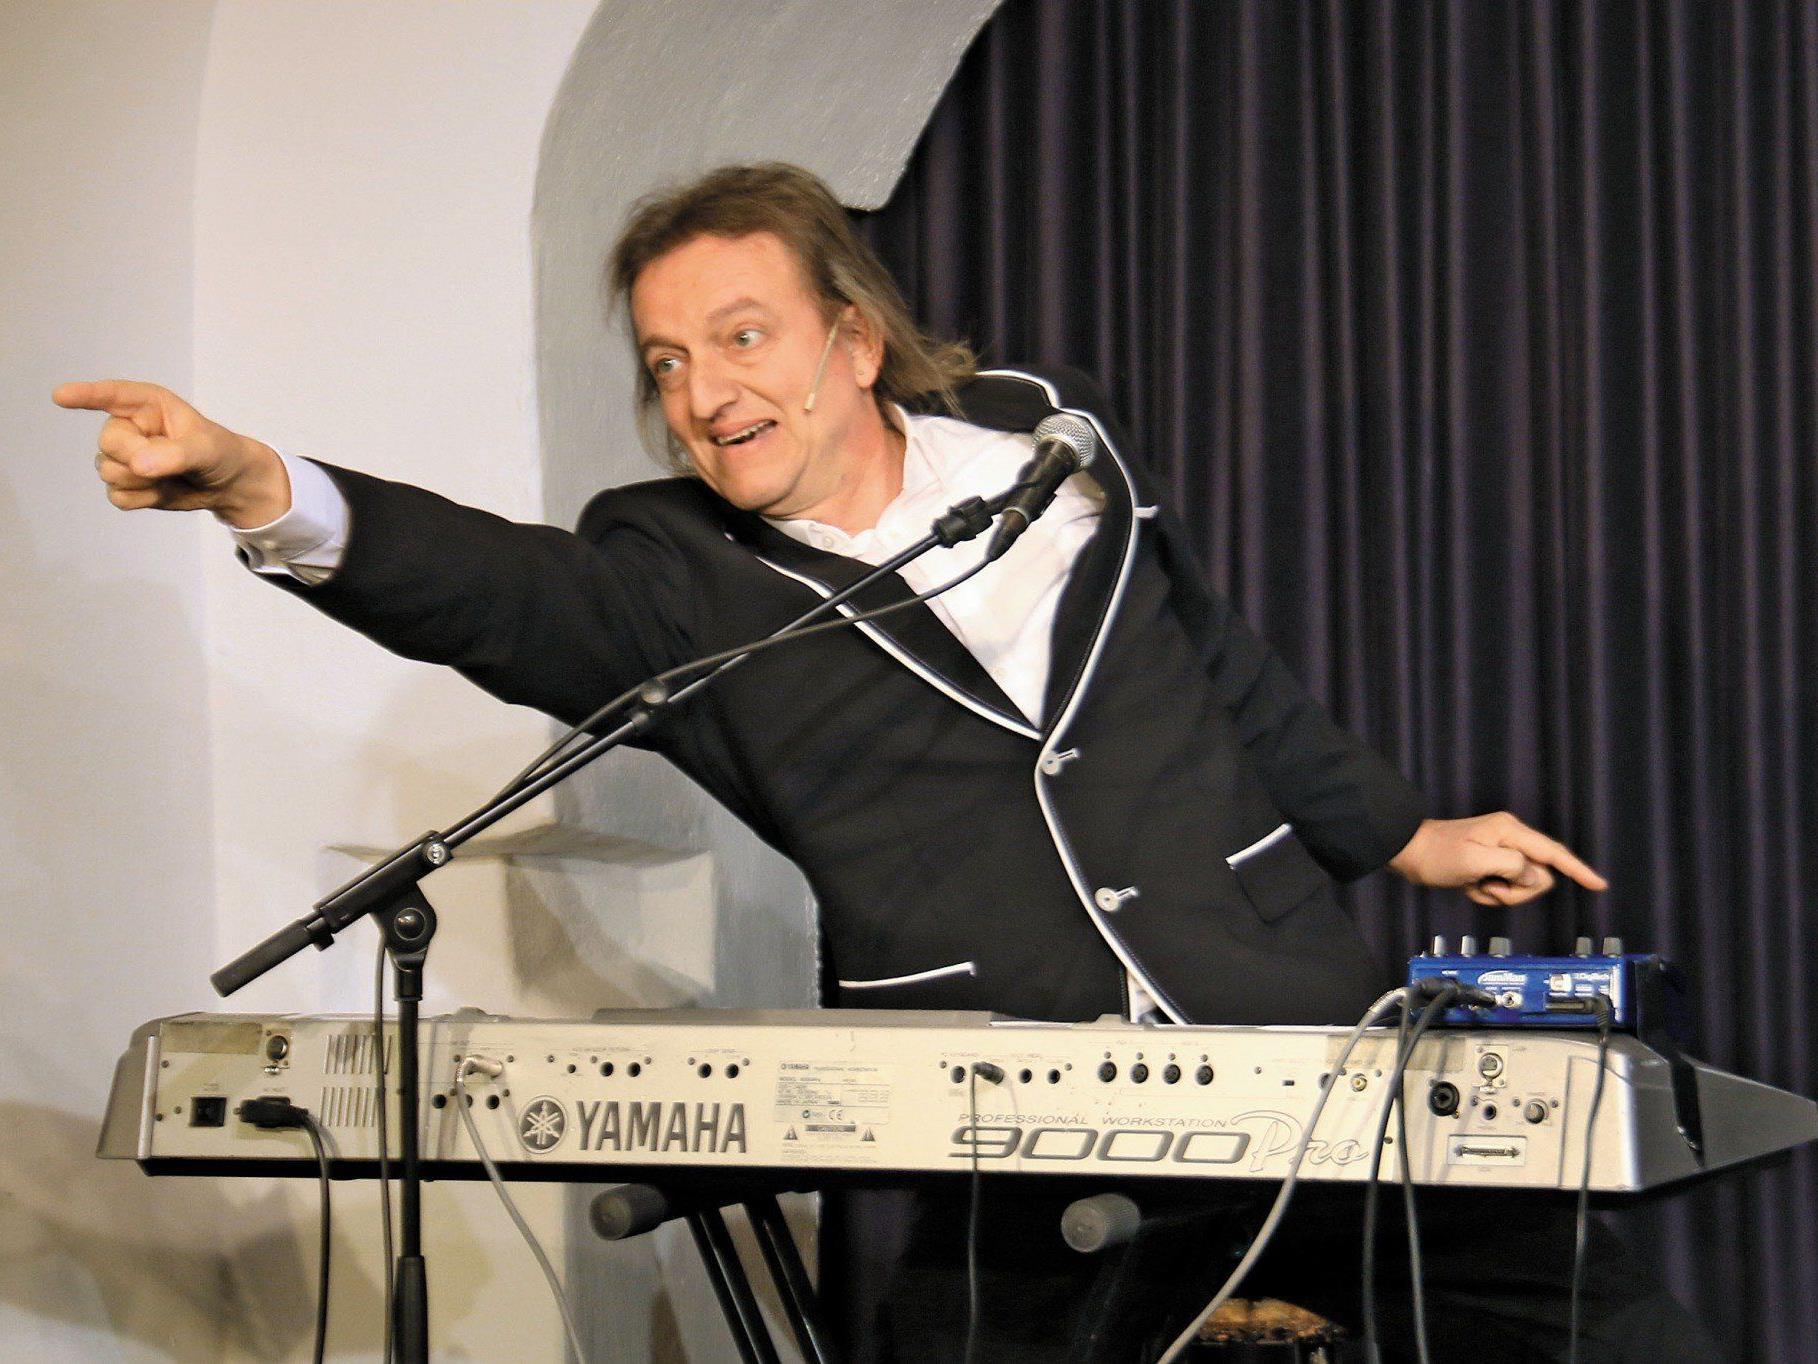 Musik-Comedian Markus Linder in Aktion.